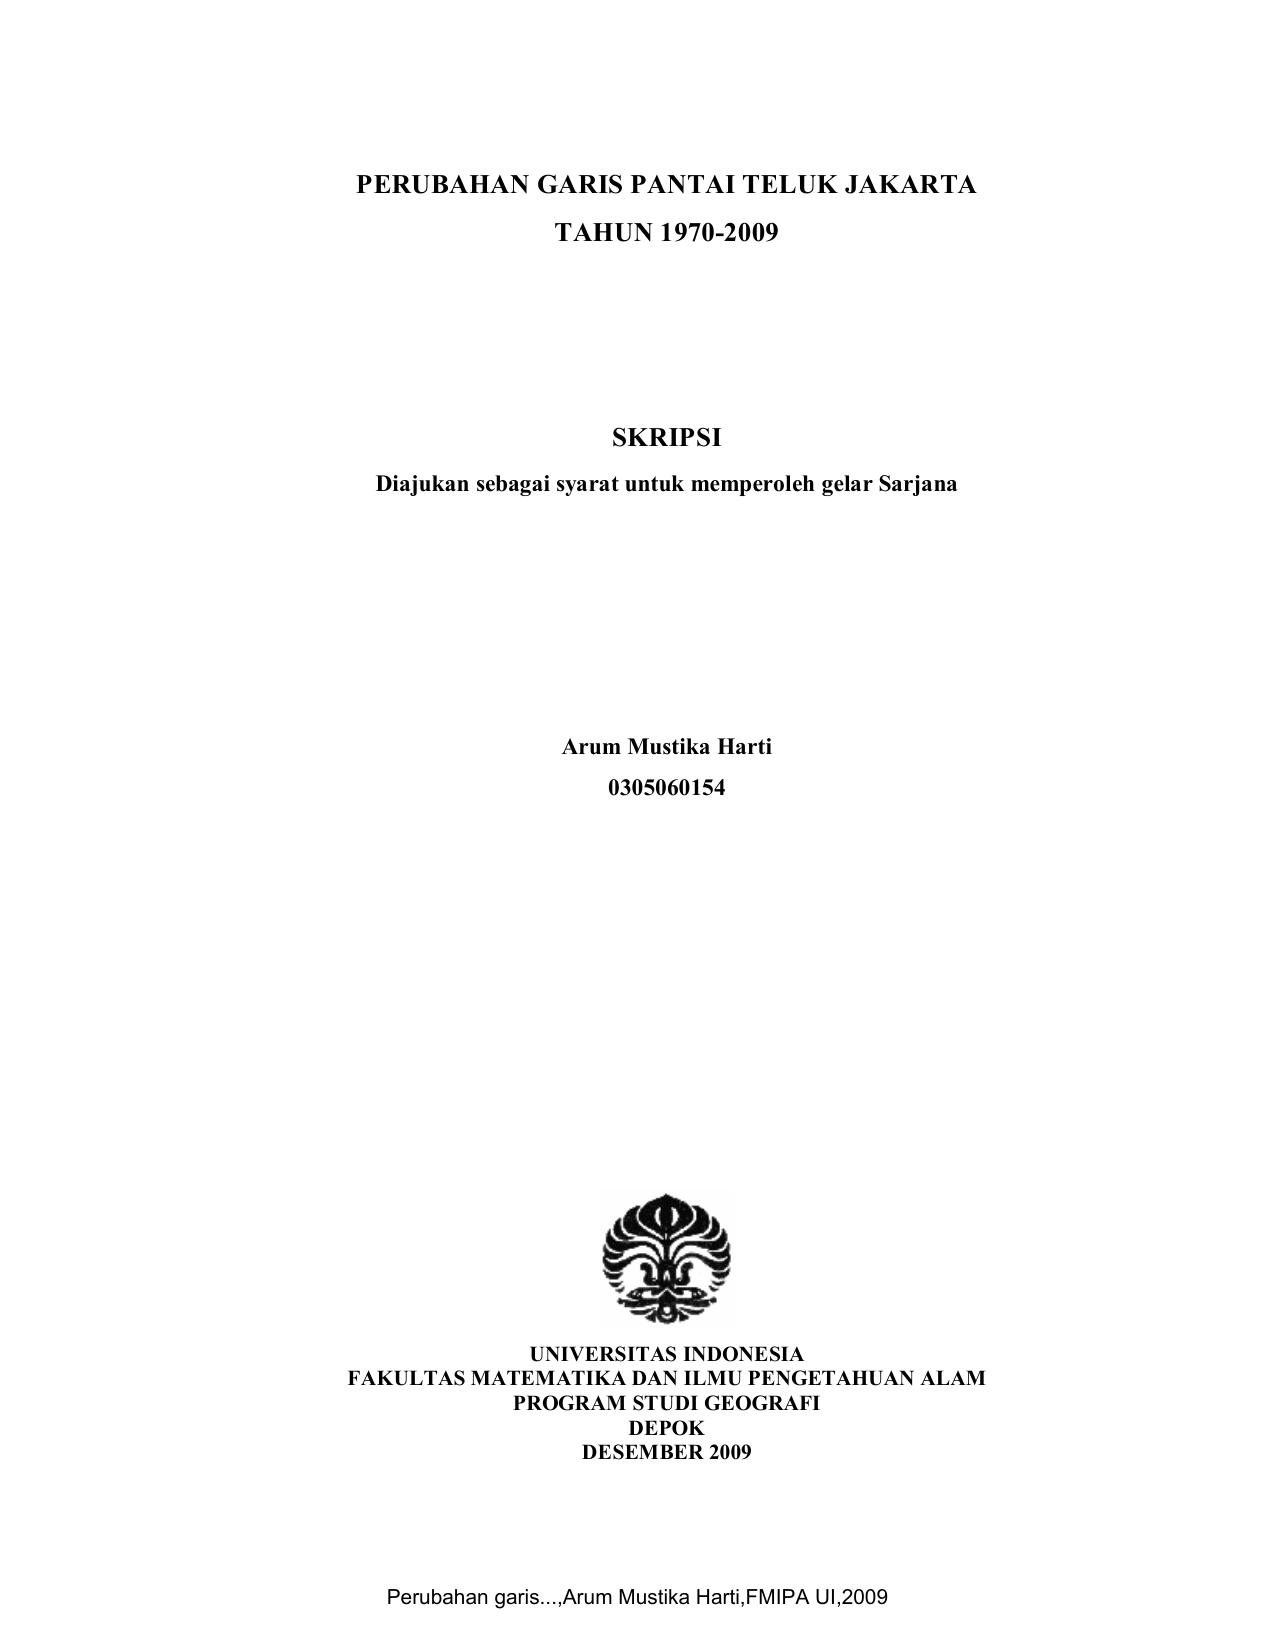 062 09 Perubahan Garis Perpustakaan Universitas Indonesia